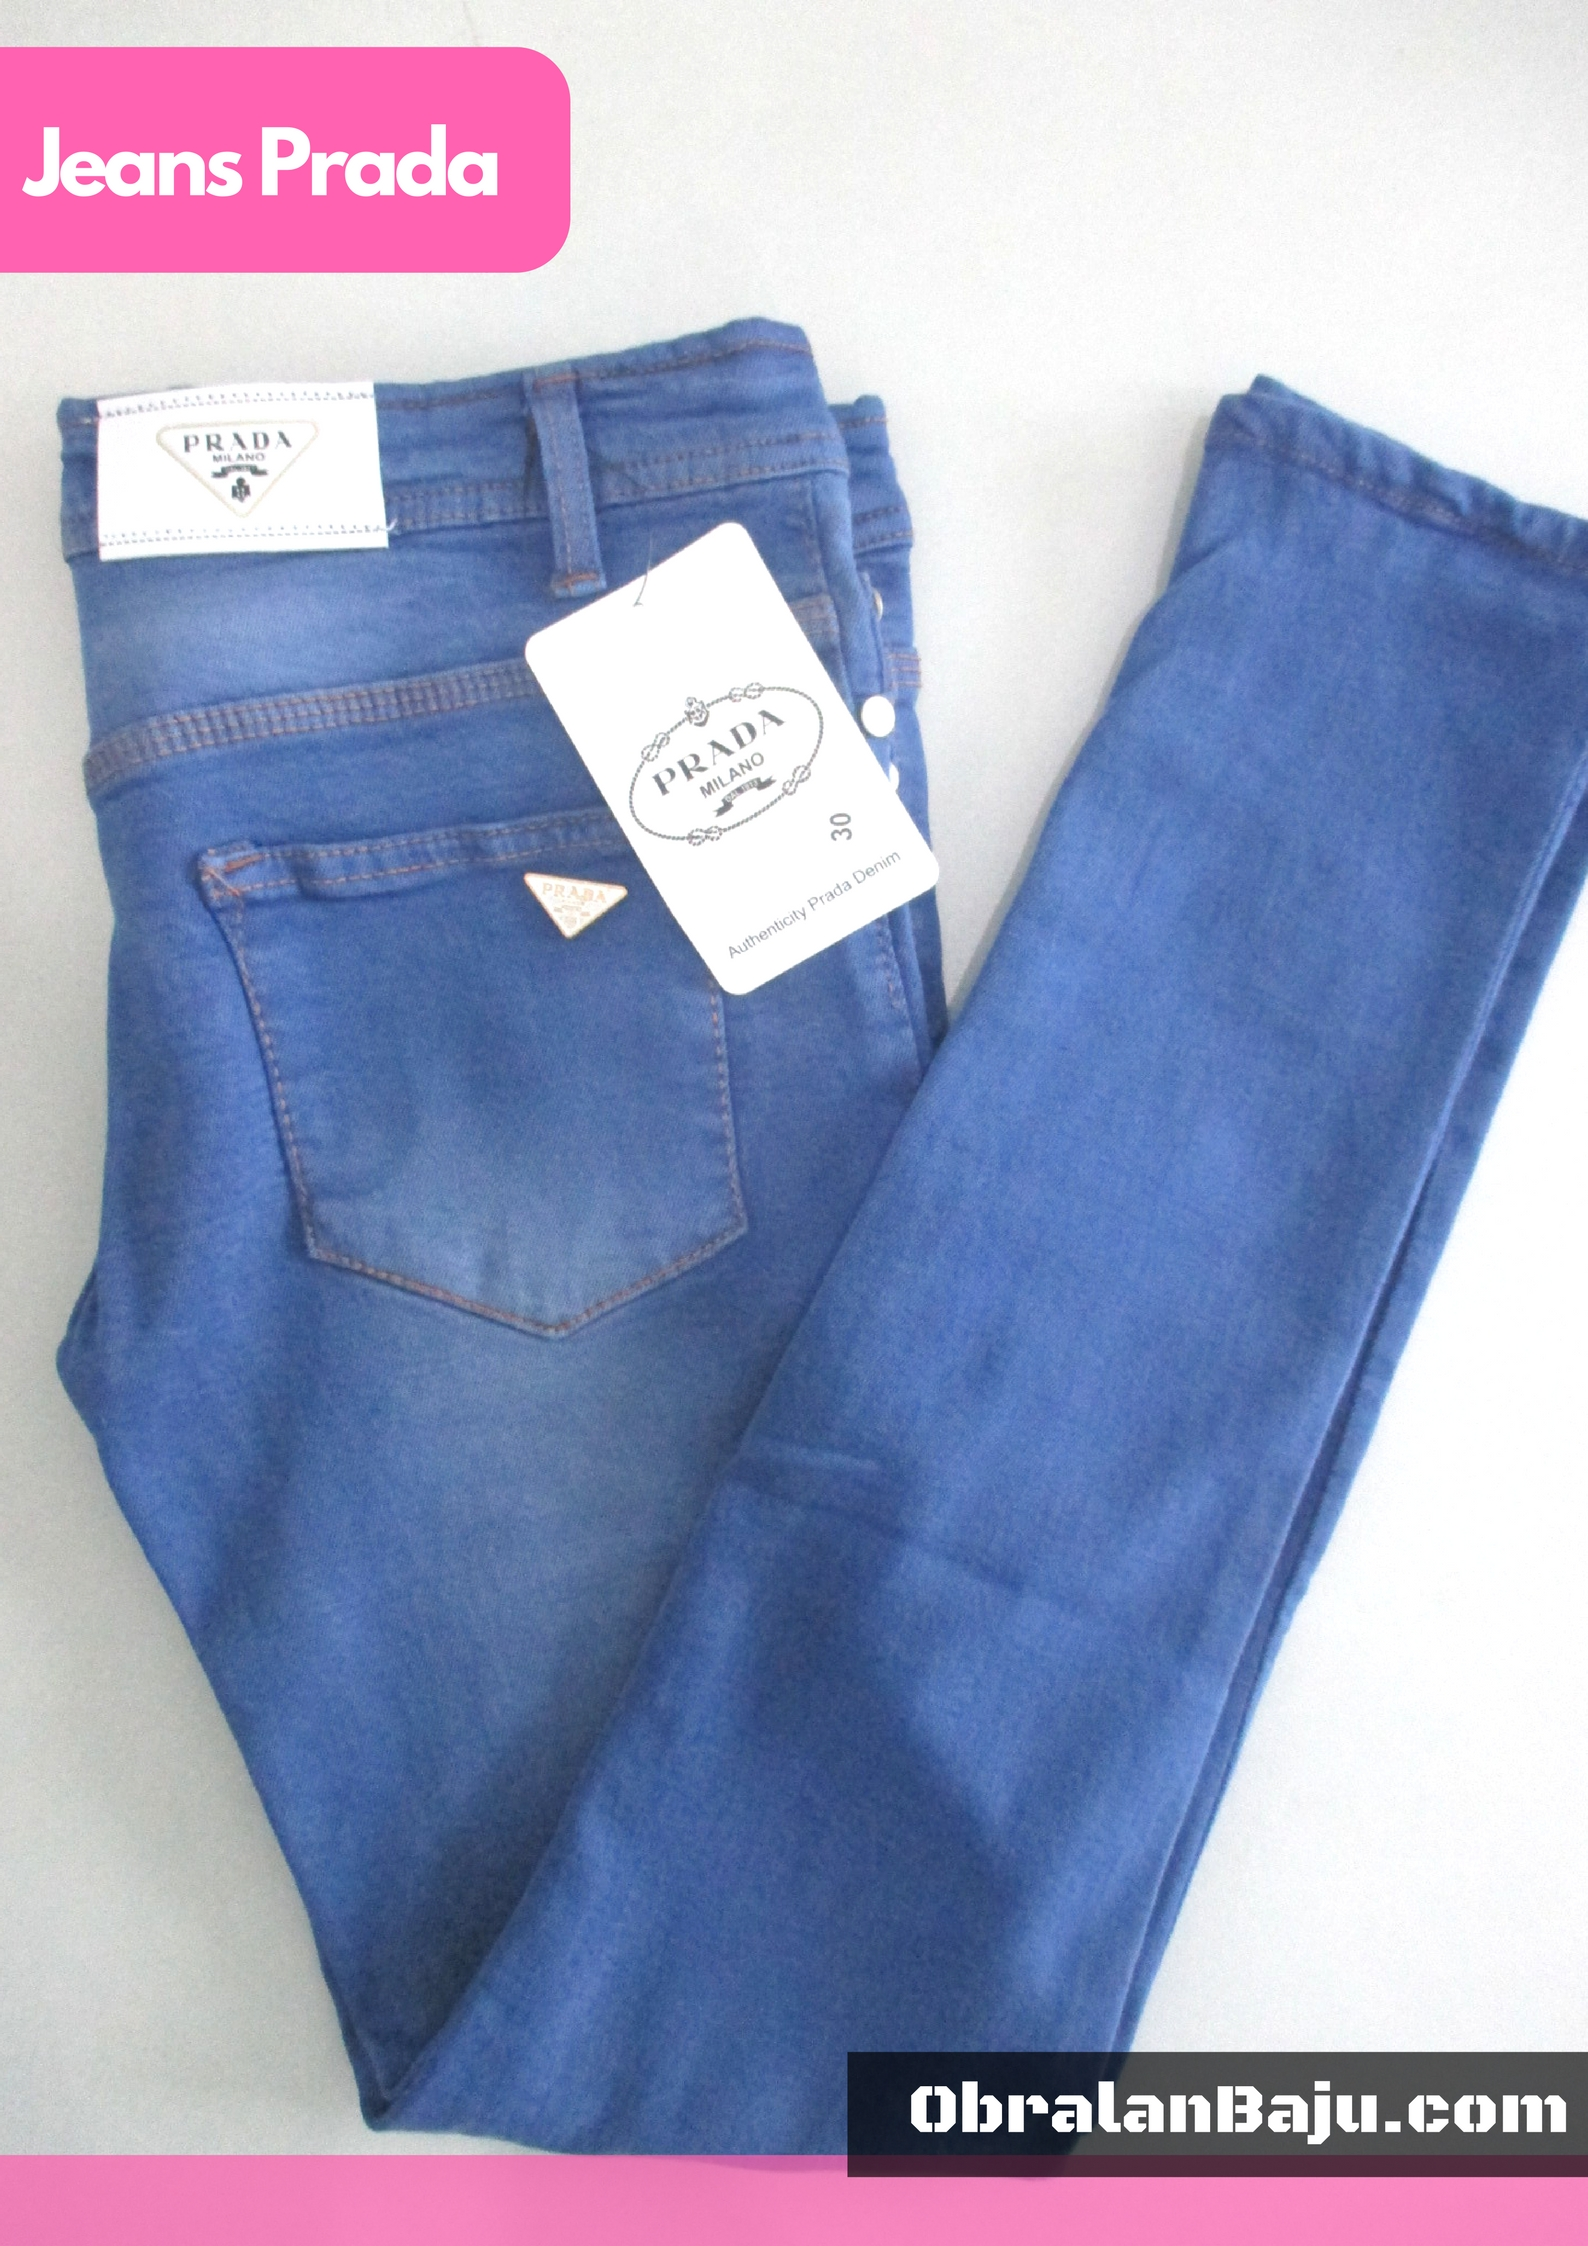 ObralanBaju.com Jeans Prada